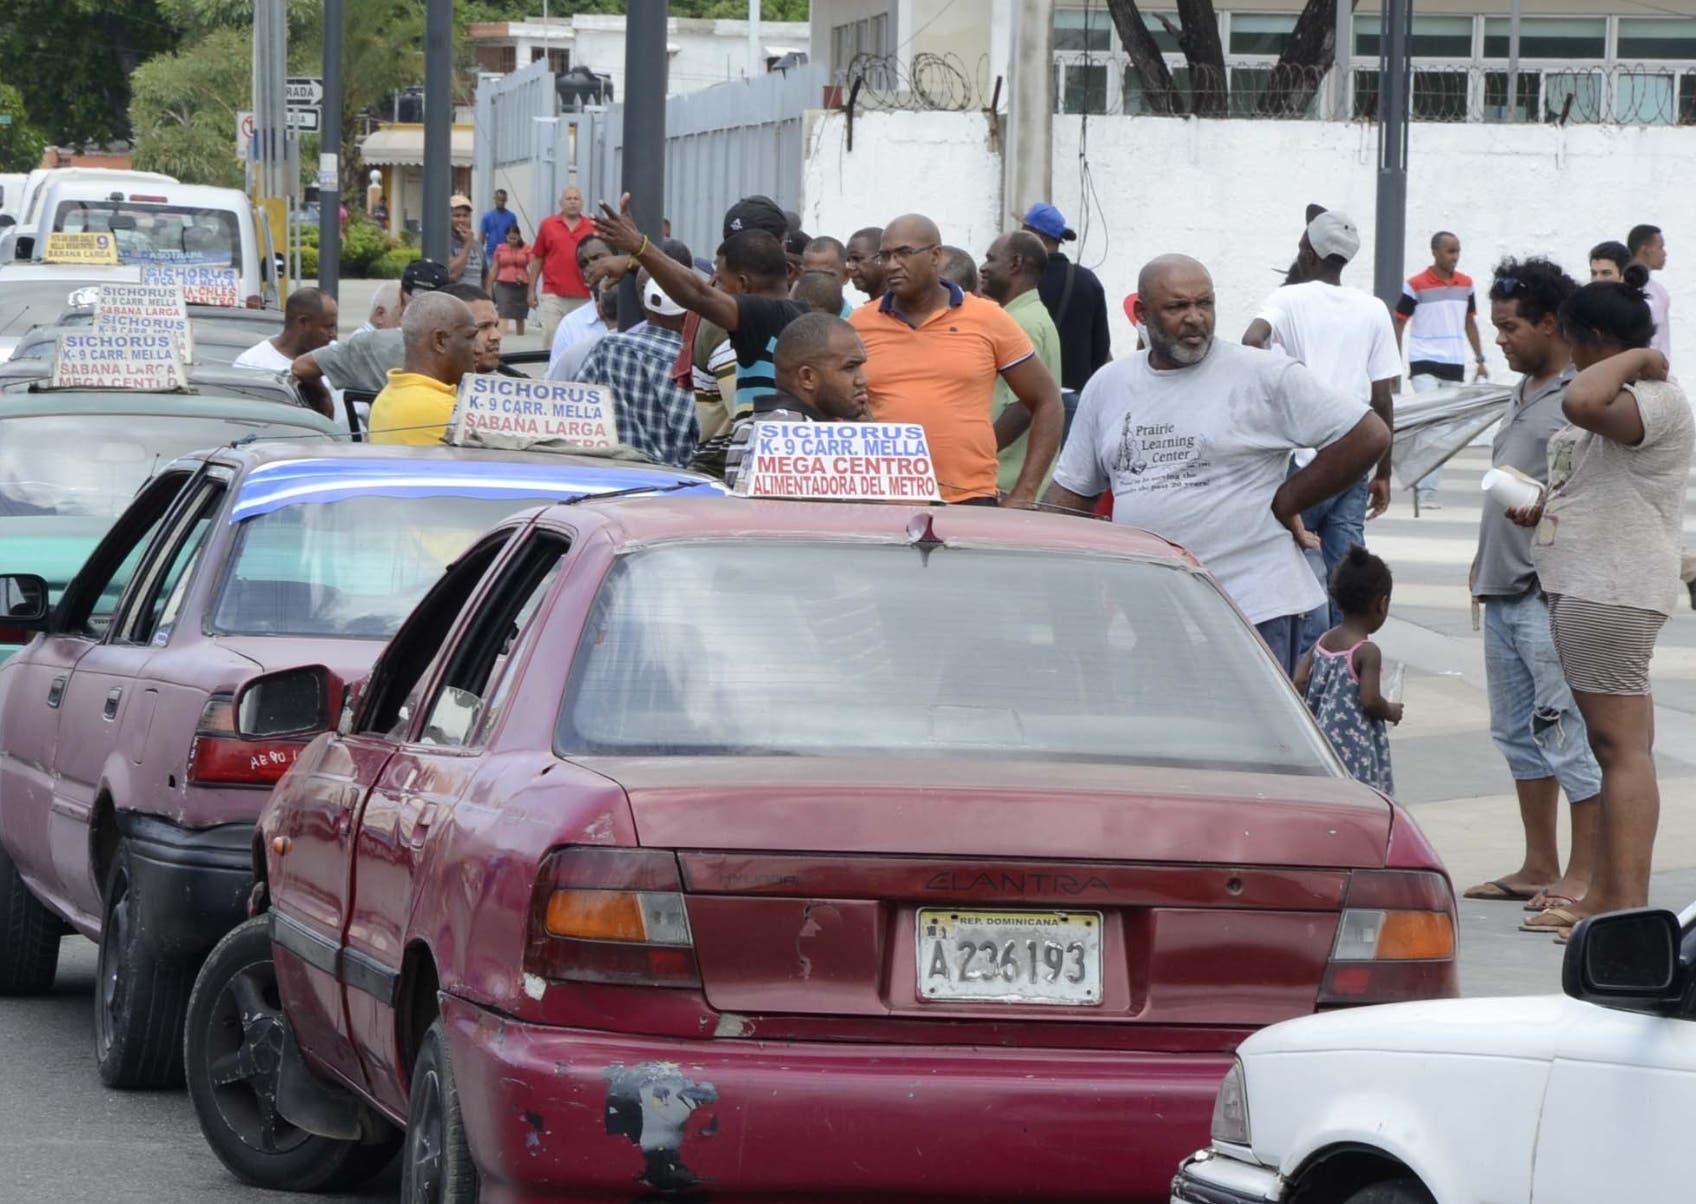 En su primer día de servicio, la gente estuvo  complacida de cruzar a la ciudad en apenas unos diez minutos. José de león